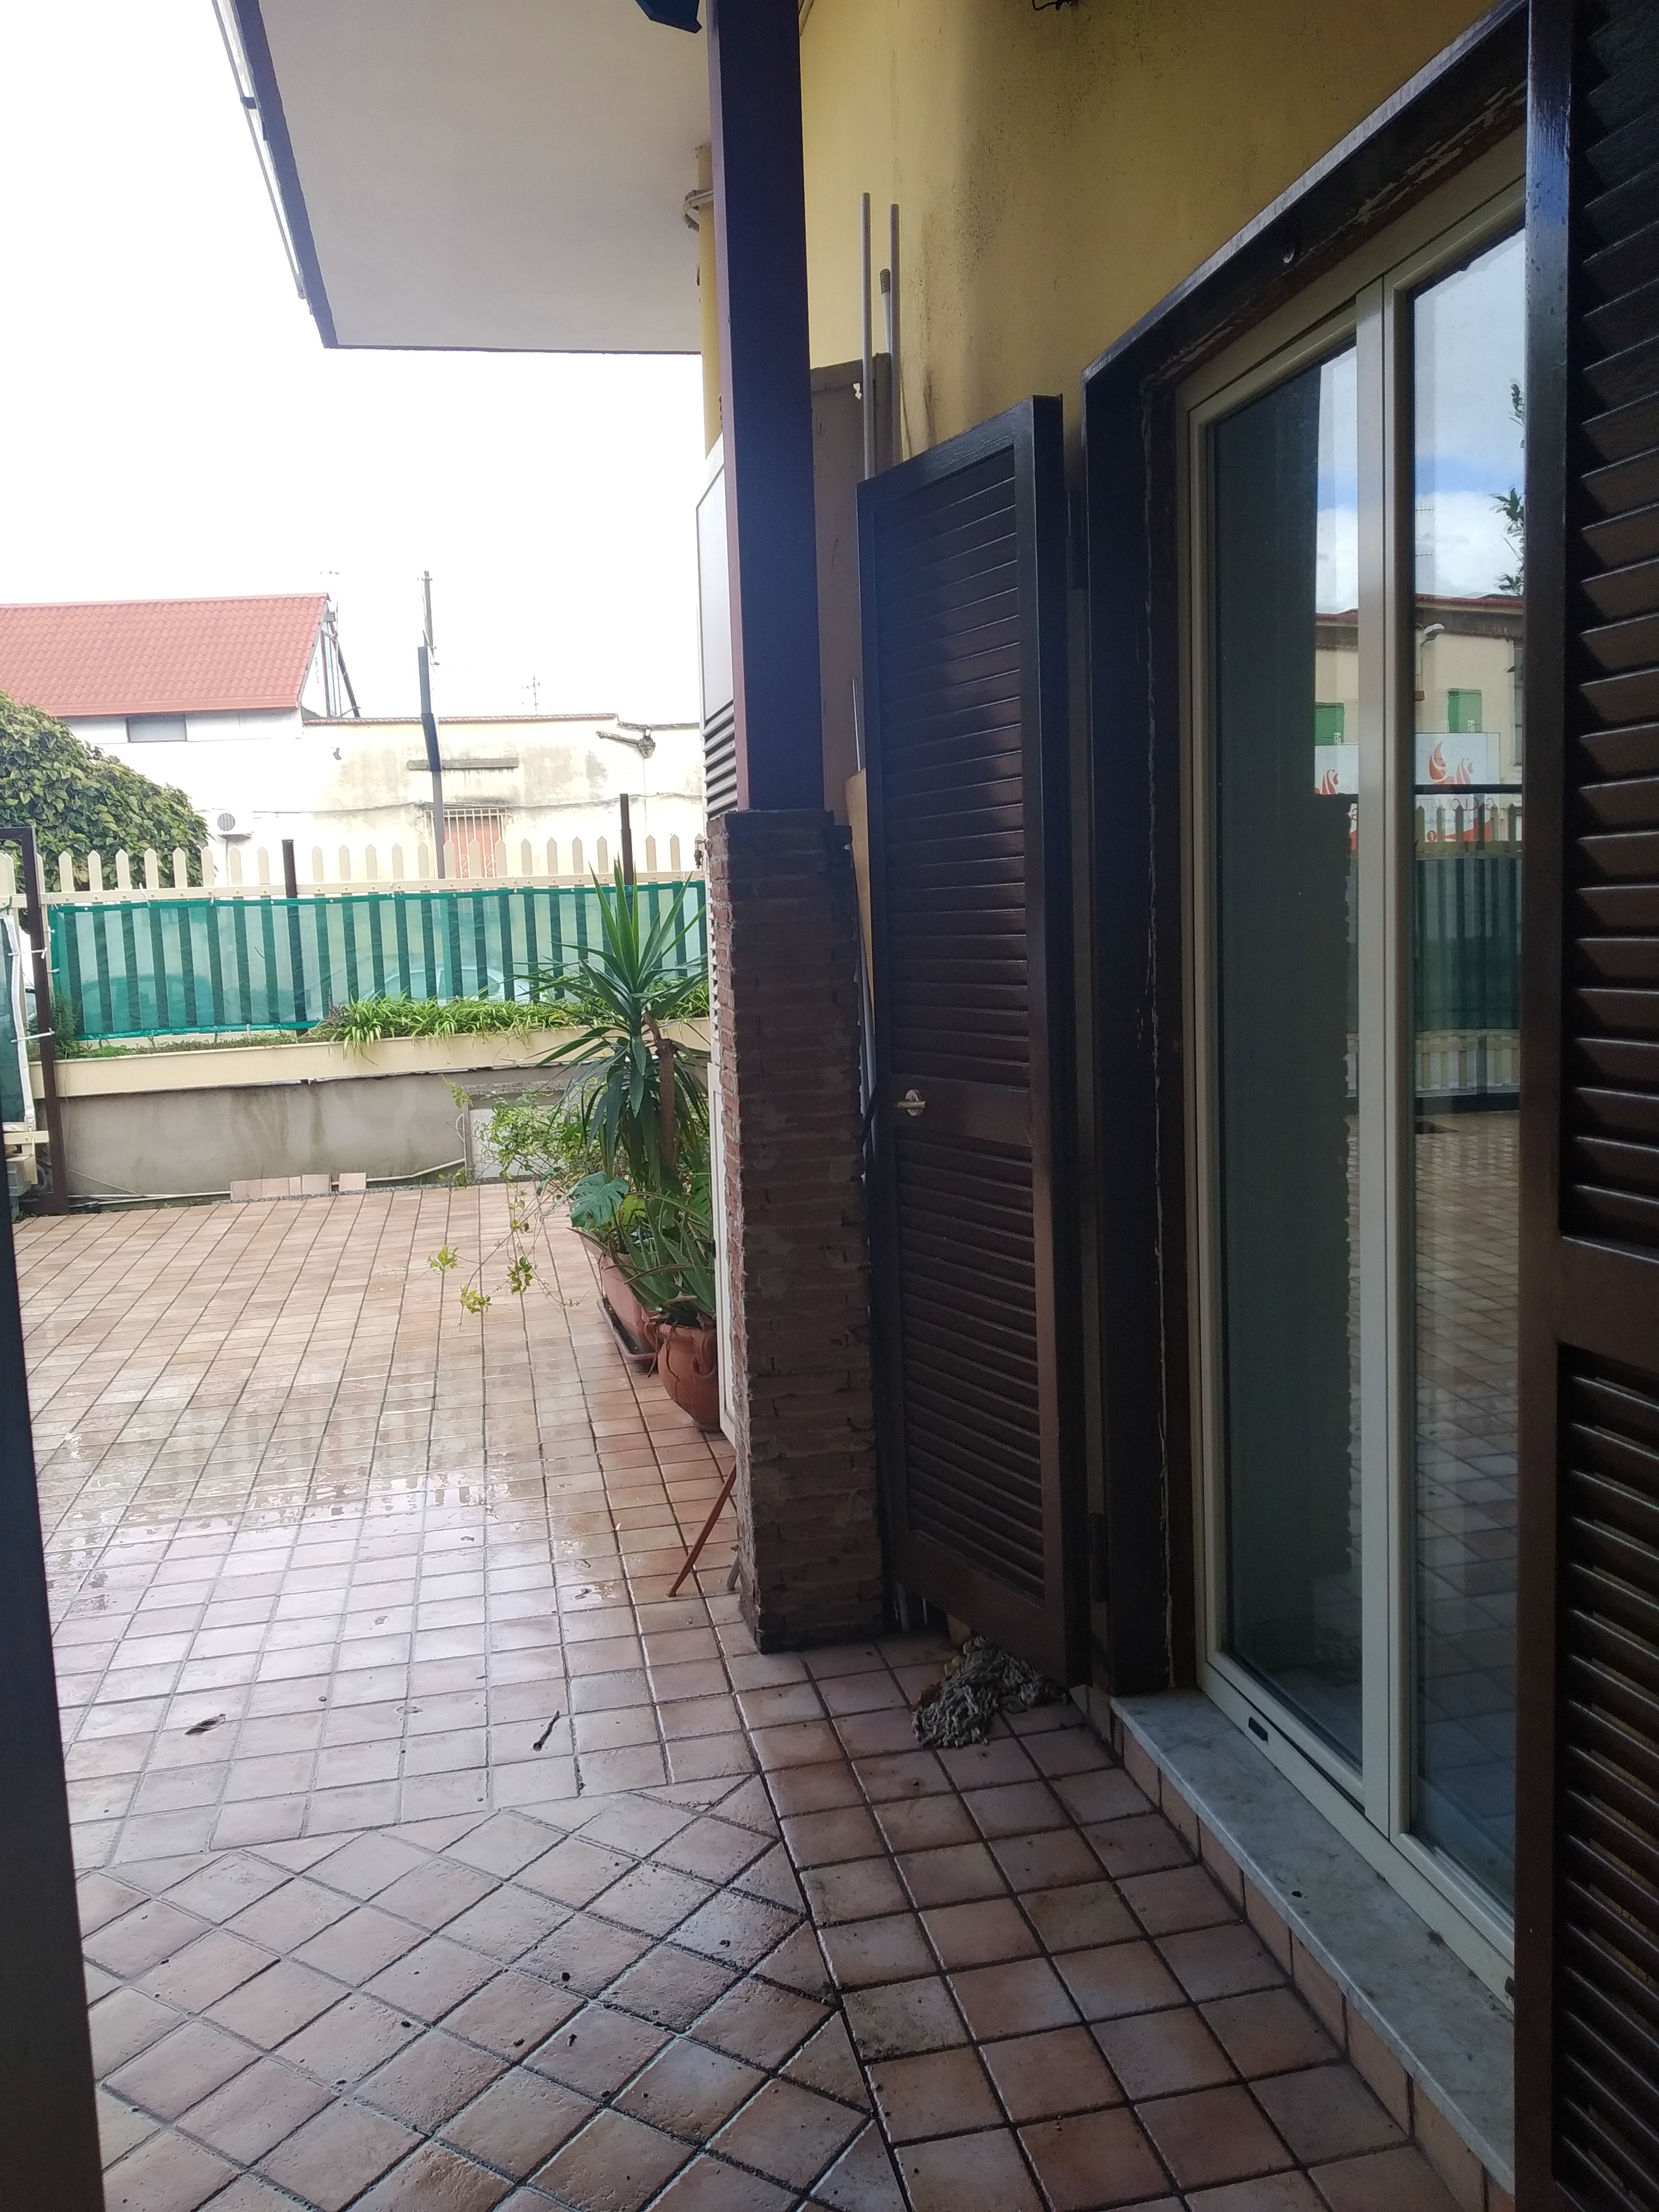 Ferienwohnung Studio in Sant'Egidio del Monte Albino  mit Terrasse und W-LAN - 20 km vom Strand entfernt (2692937), Sant'Egidio del Monte Albino, Salerno, Kampanien, Italien, Bild 1